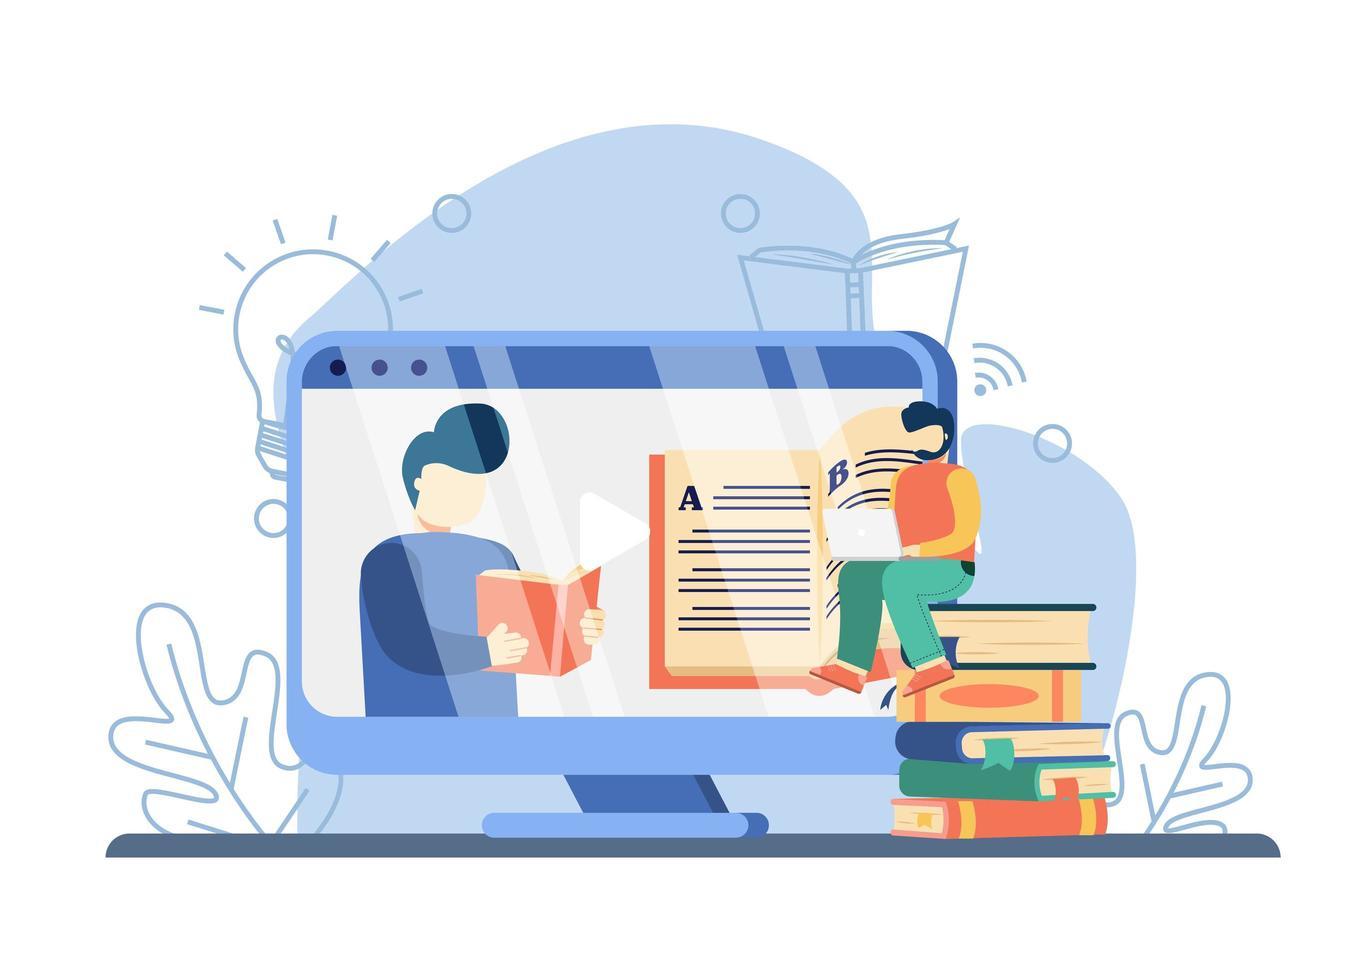 concepto de aprendizaje electrónico. hombre enseñando en pantalla con un libro, hombre viendo clases en línea. educación en línea, educación en el hogar, libro en línea, educación a distancia y escuela de negocios en línea.Ilustración aislada vector